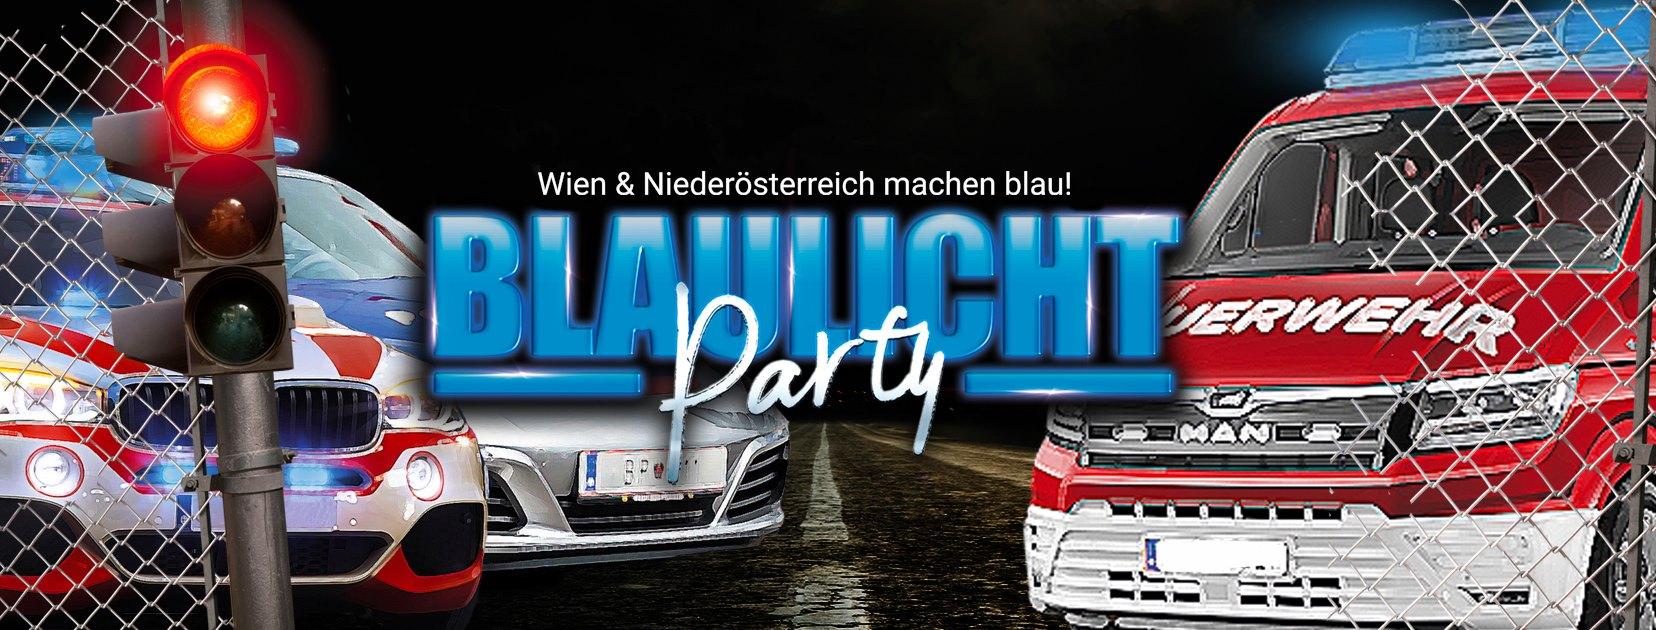 Events Wien: Blaulichtparty XXL – BACK AGAIN – Wien und NÖ machen BLAU!